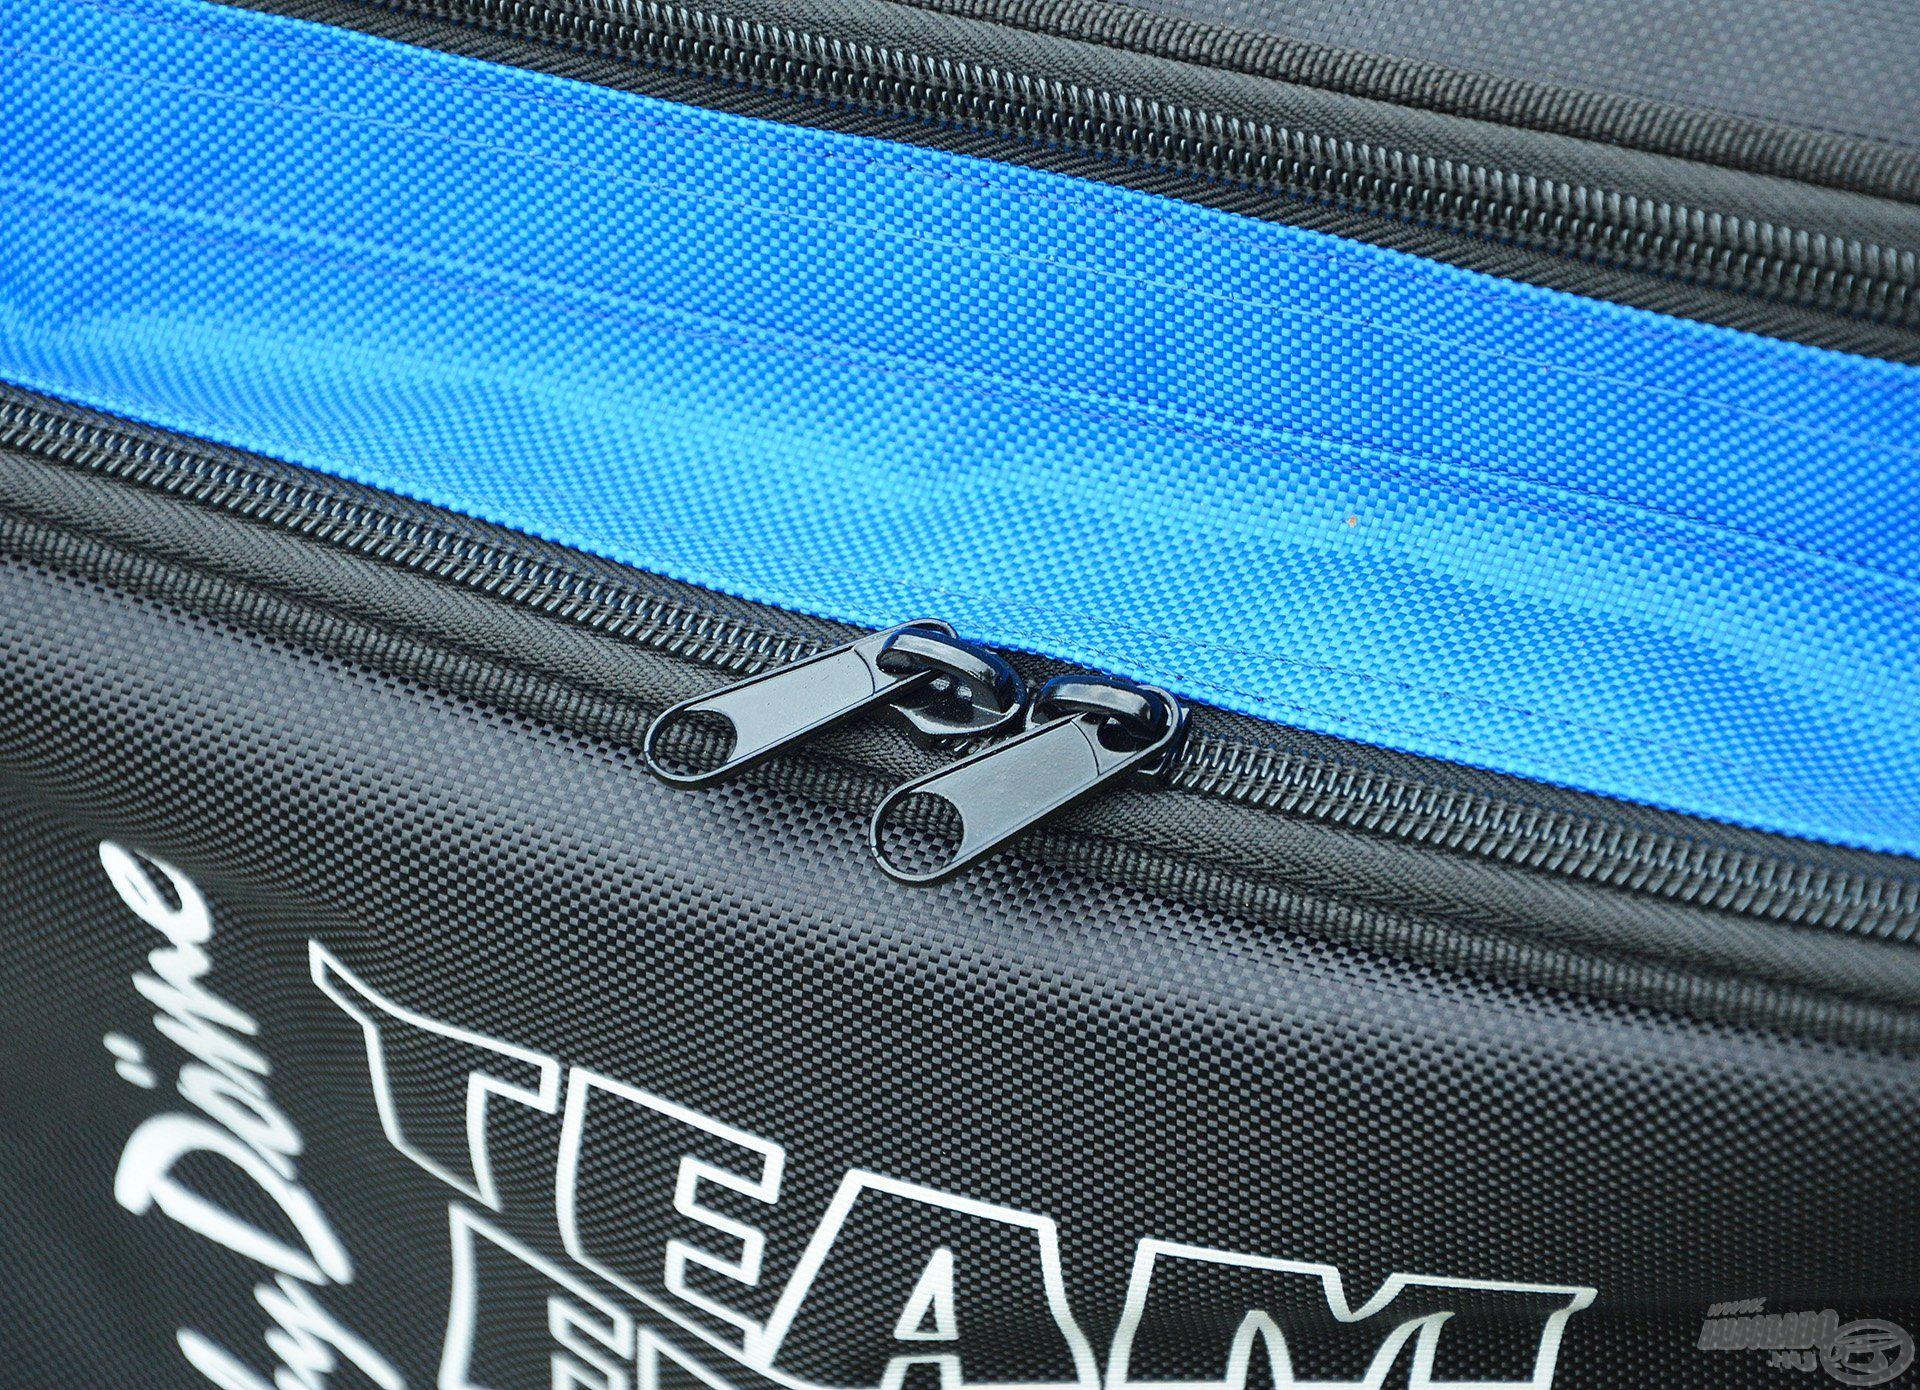 Természetesen a táska erős, minőségi zipzárral készült, ez garantálja a hosszú élettartamát